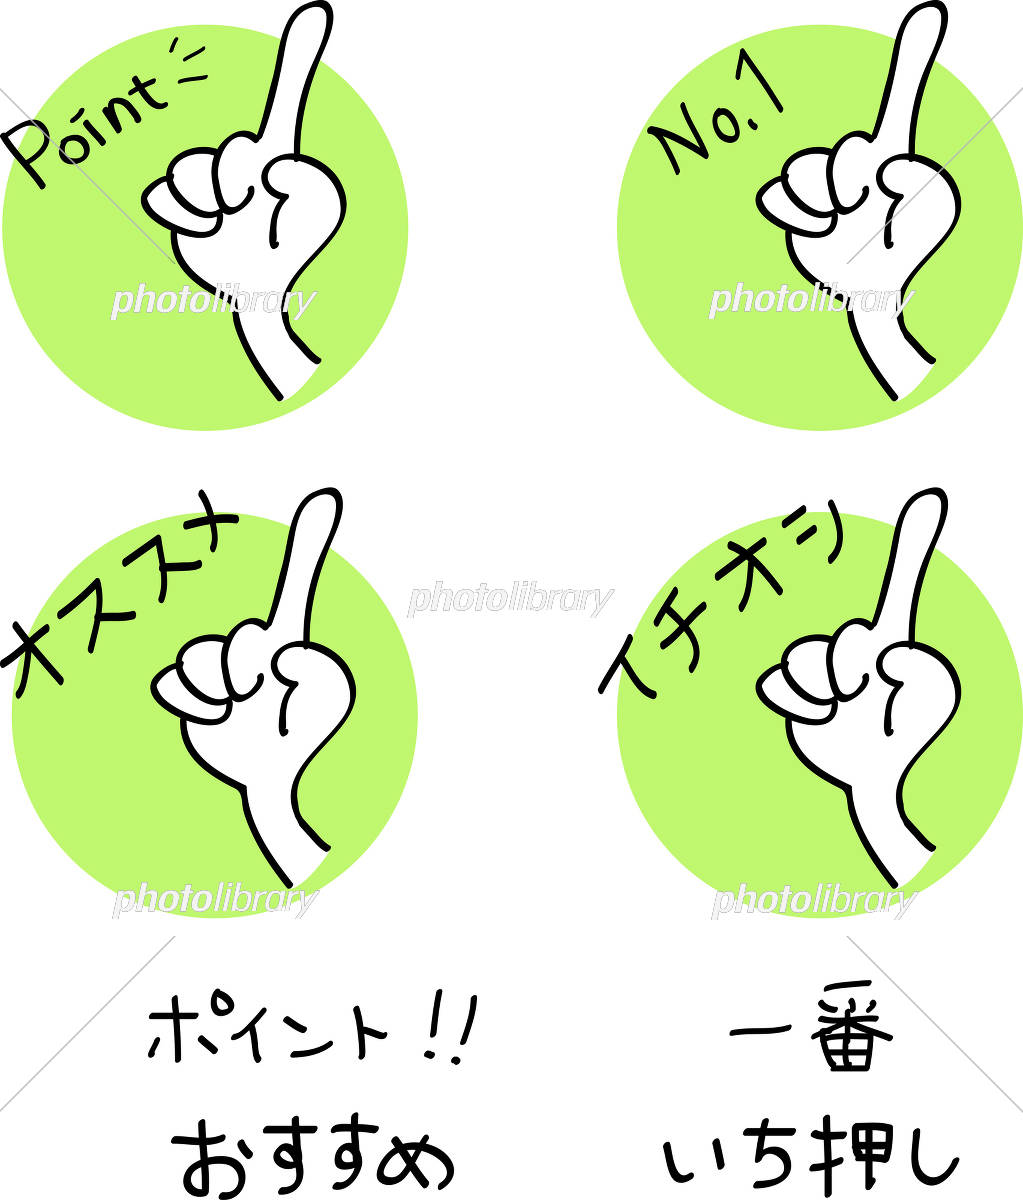 手描き 指差し イラスト素材 [ 5440547 ] - フォトライブラリー photolibrary